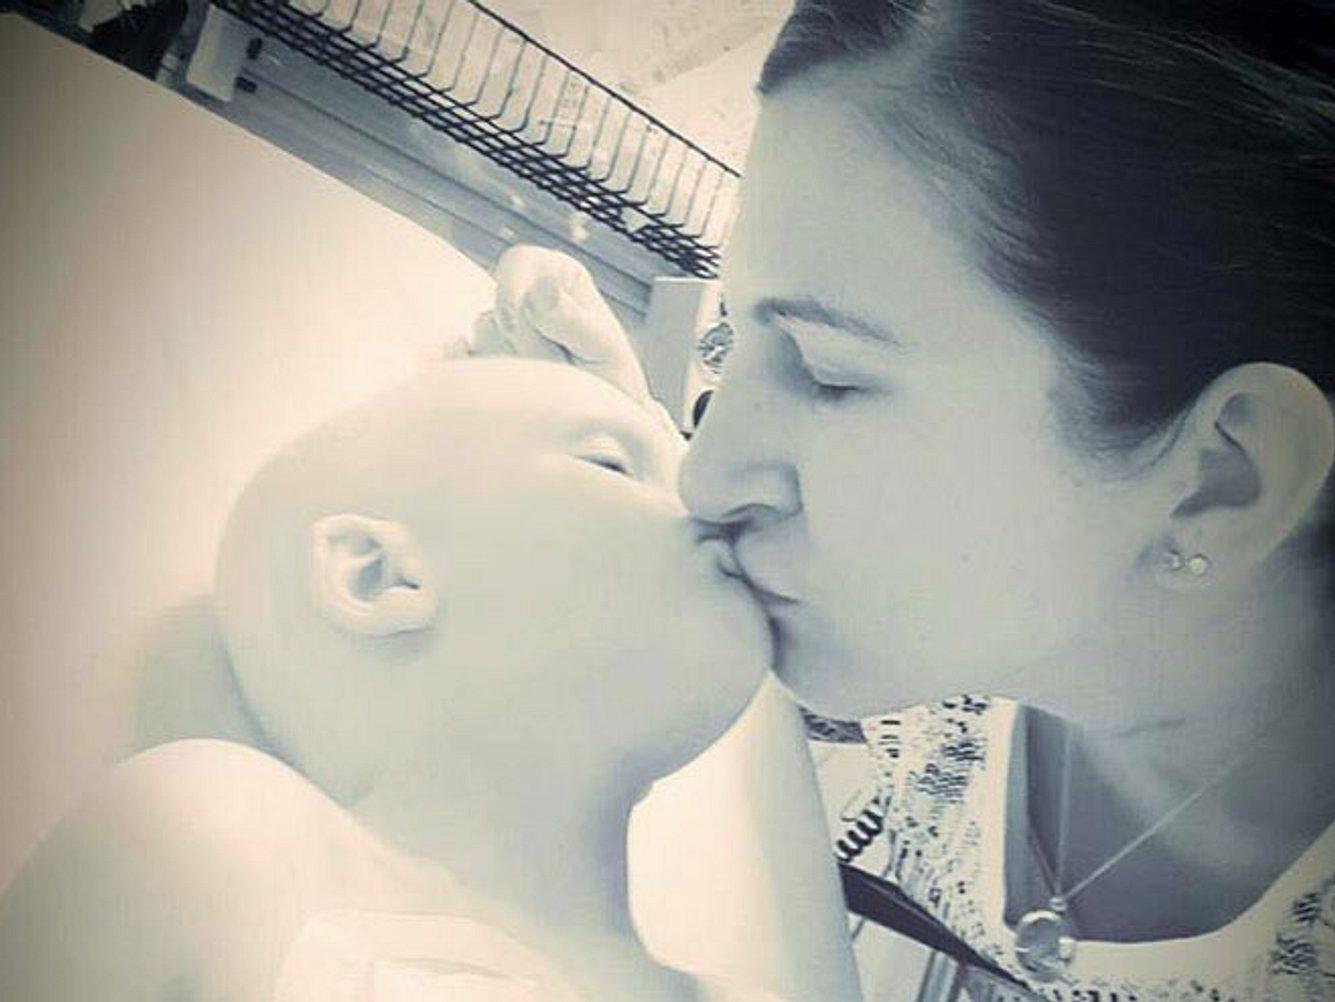 Ich werde es auf ewig vermissen, die Lippen meines Sohnes Nolan zu küssen, schreibt seine Mutter Ruth Scully zu diesem Bild.